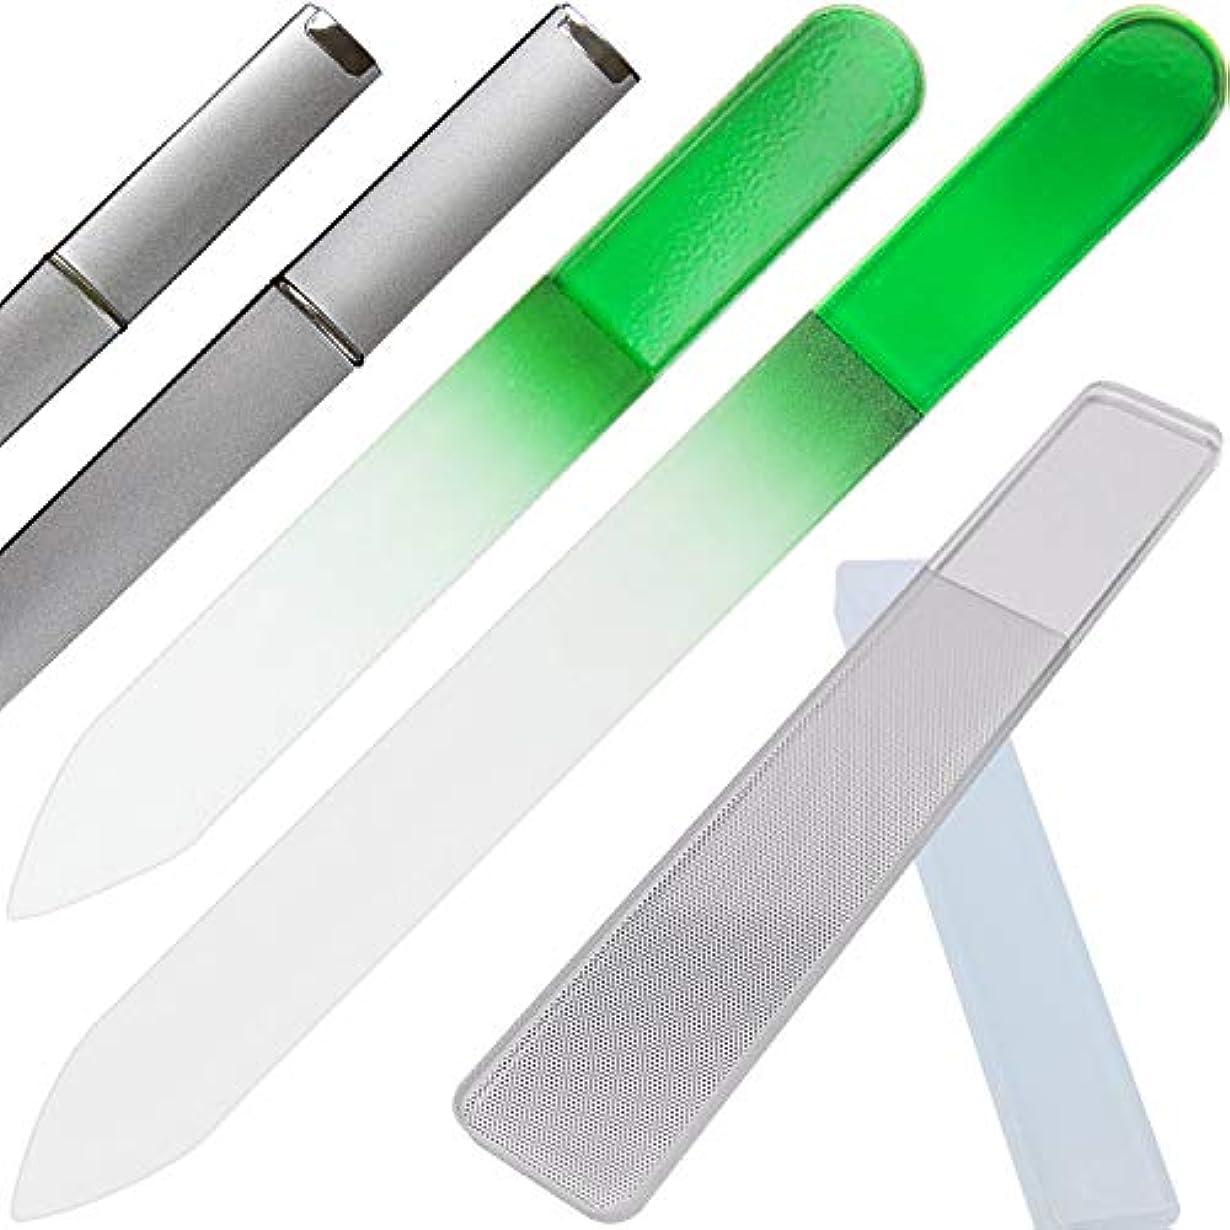 異形社交的湿気の多い3点セット 爪やすり ネイル ケア 爪磨き ガラス製 専用 ケース付 ネイル ケア